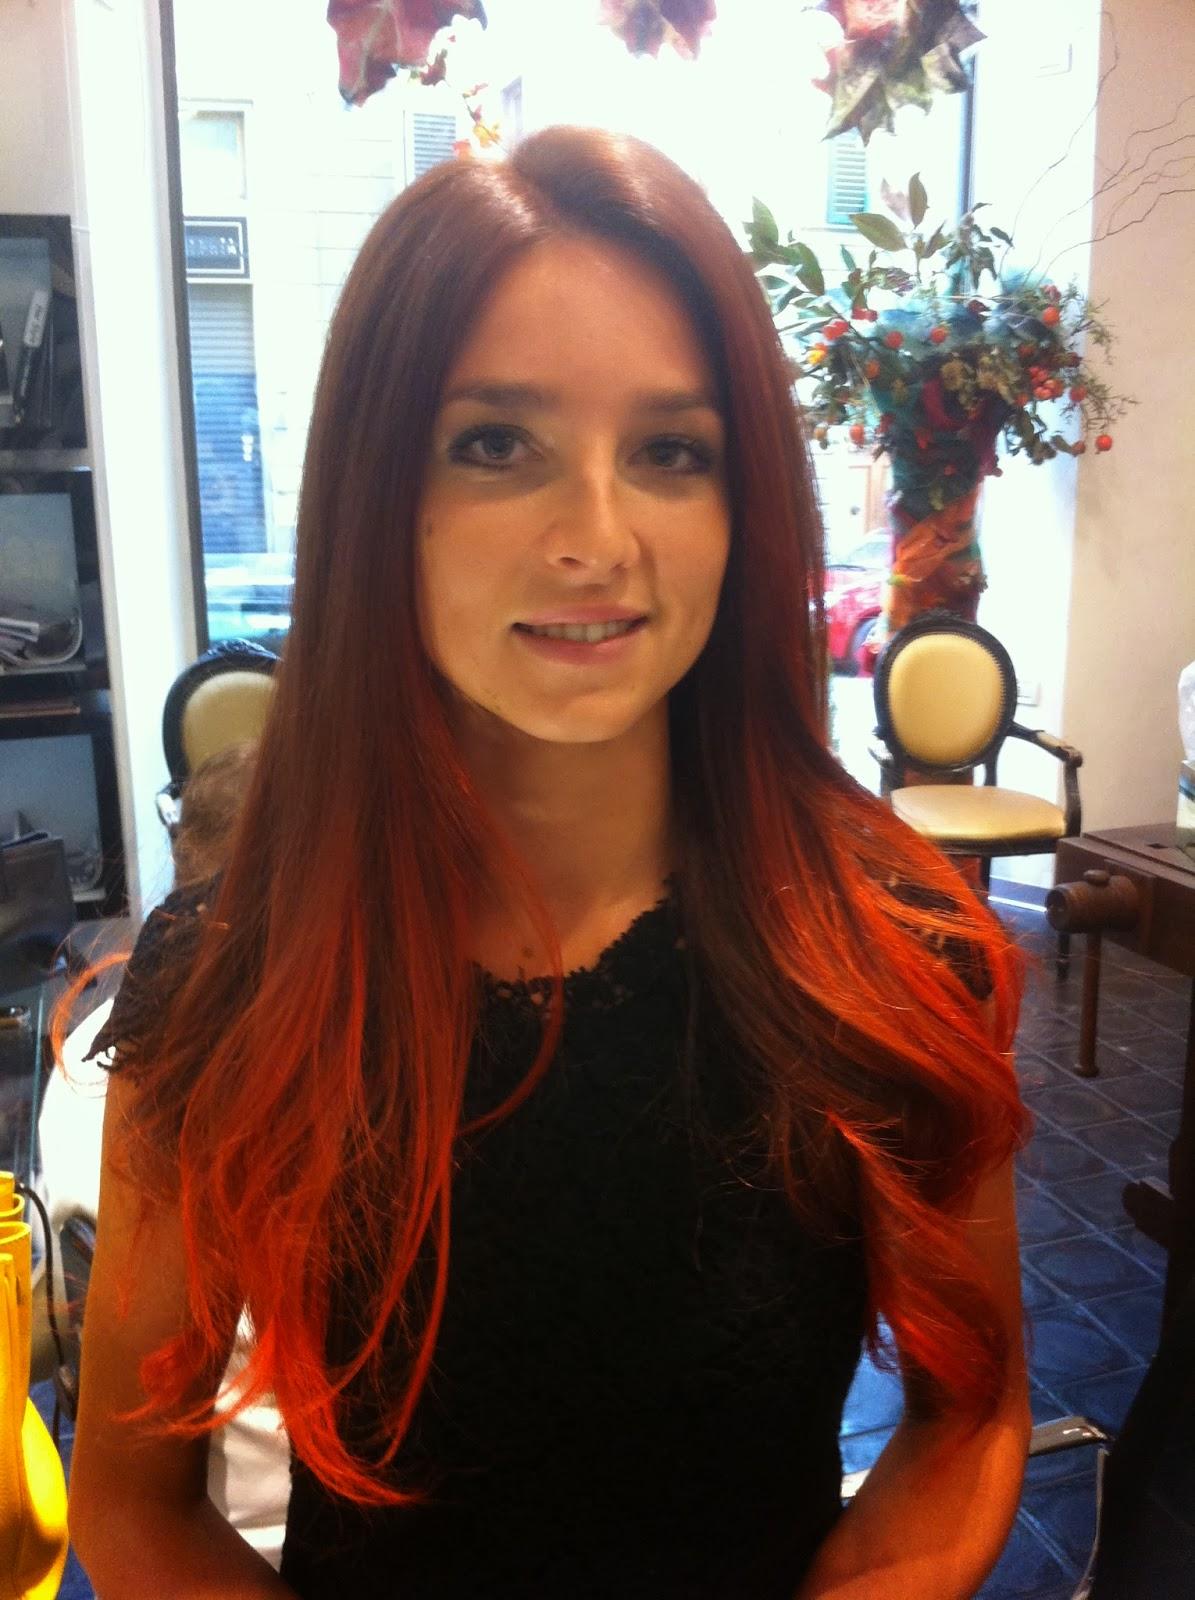 Capelli Castani Con Meches Rosse - Meches rosse come si fanno sui capelli  castani biondi Almeglio 677a153aa2f2